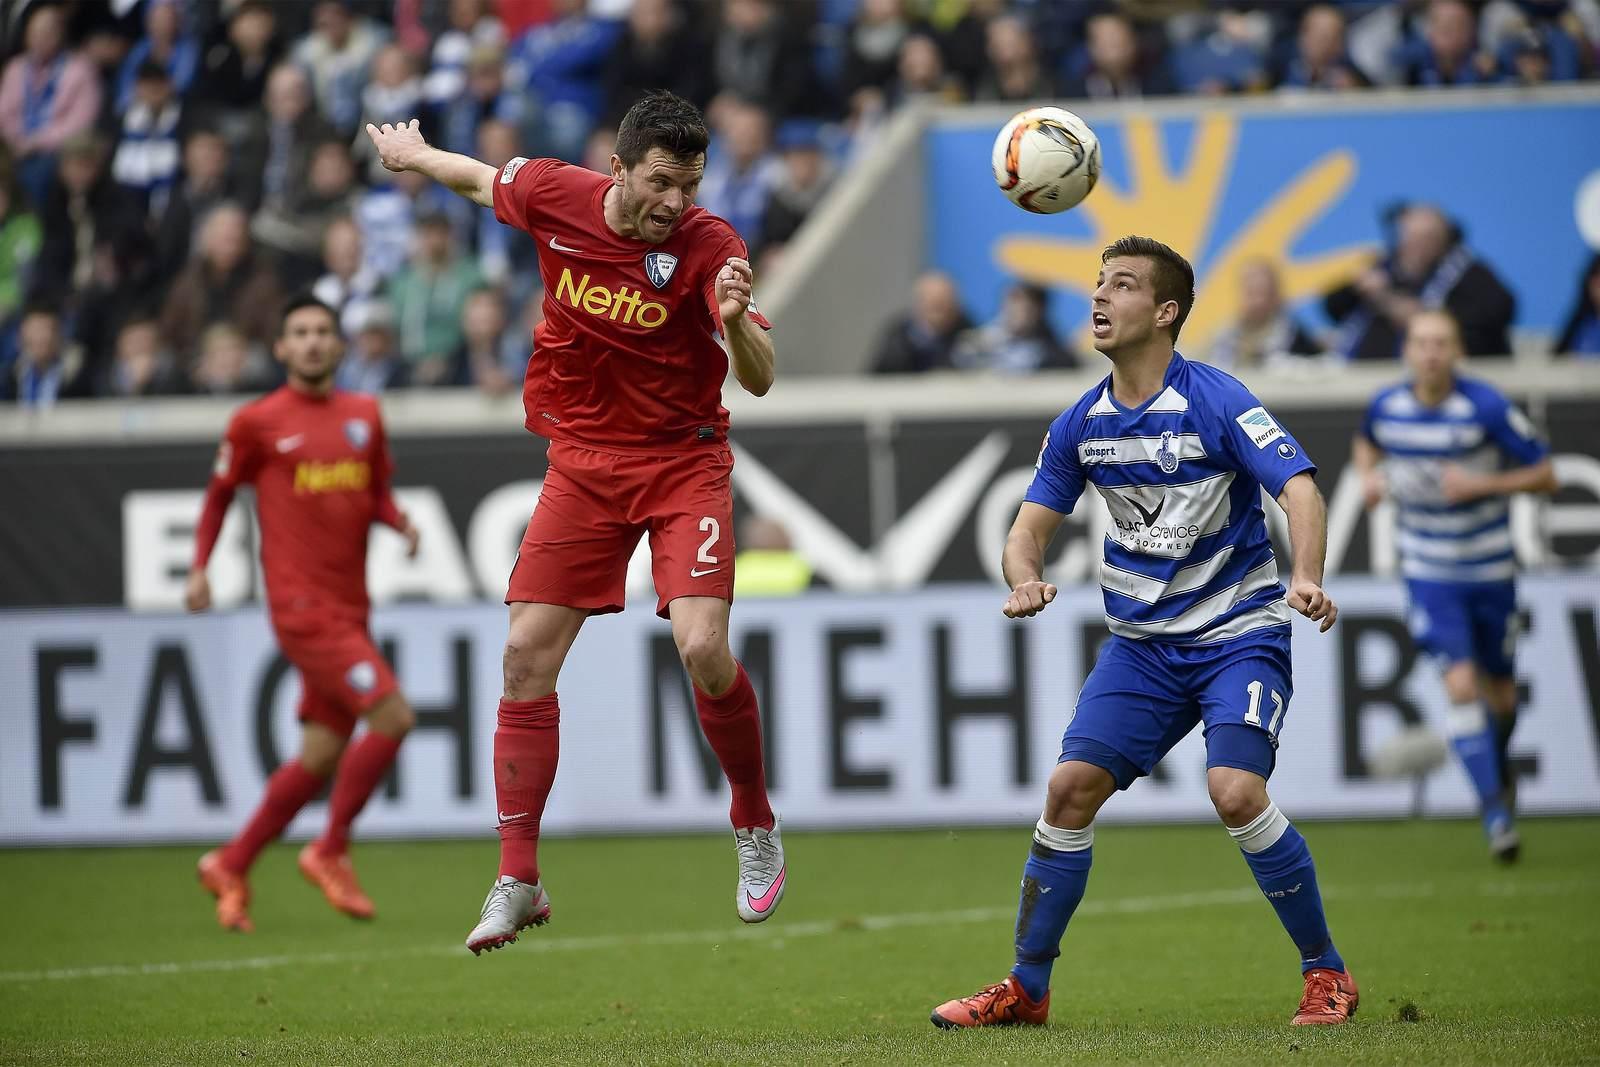 MSV Duisburg bietet 360 zusätzliche Gäste-Tickets für das VfL-Spiel an